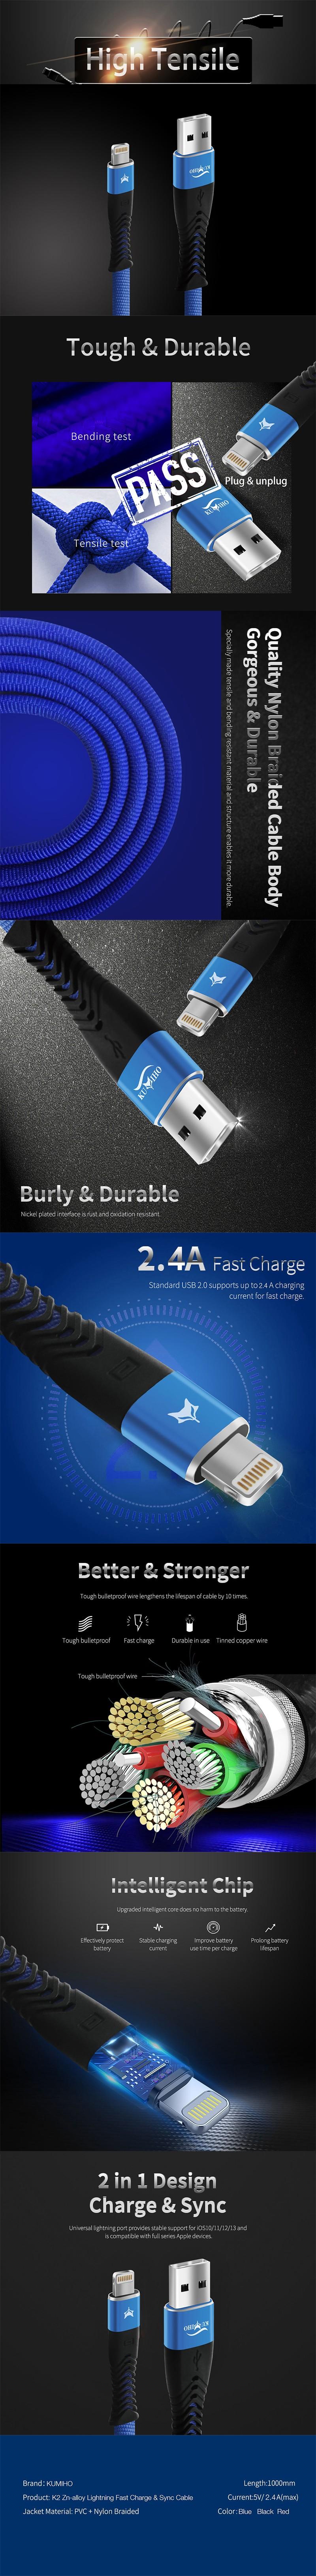 Kumiho K2 Zn-alloy USB cable